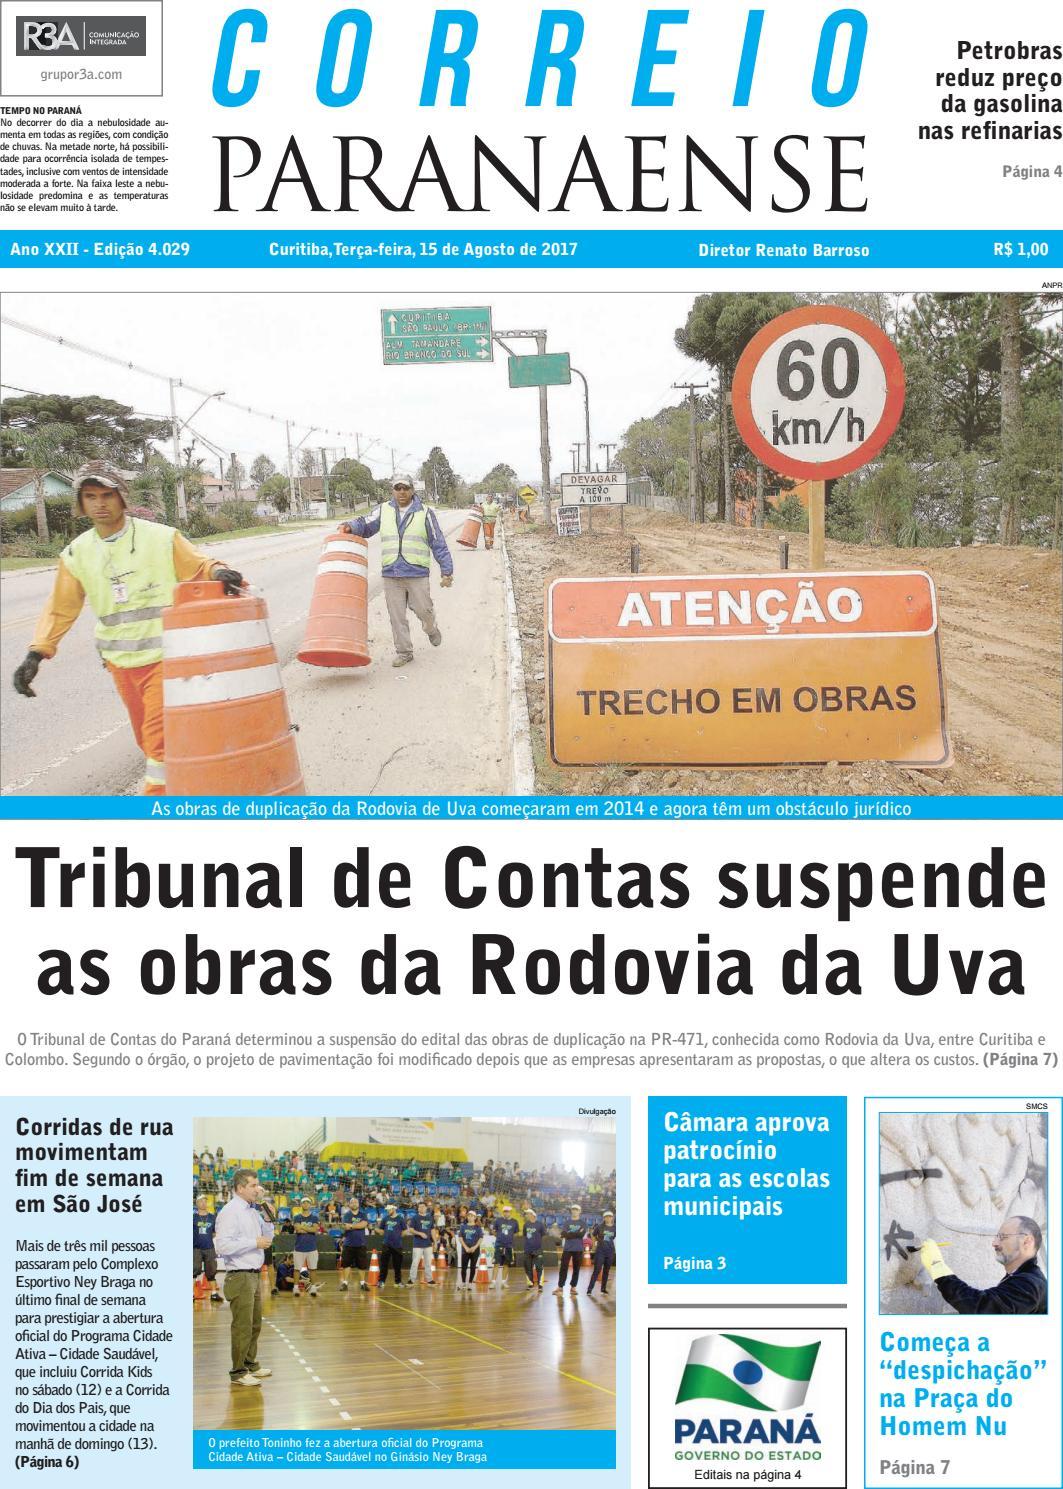 Correio Paranaense - Edição 15 08 2017 by Editora Correio Paranaense - issuu a8a9a926637f6